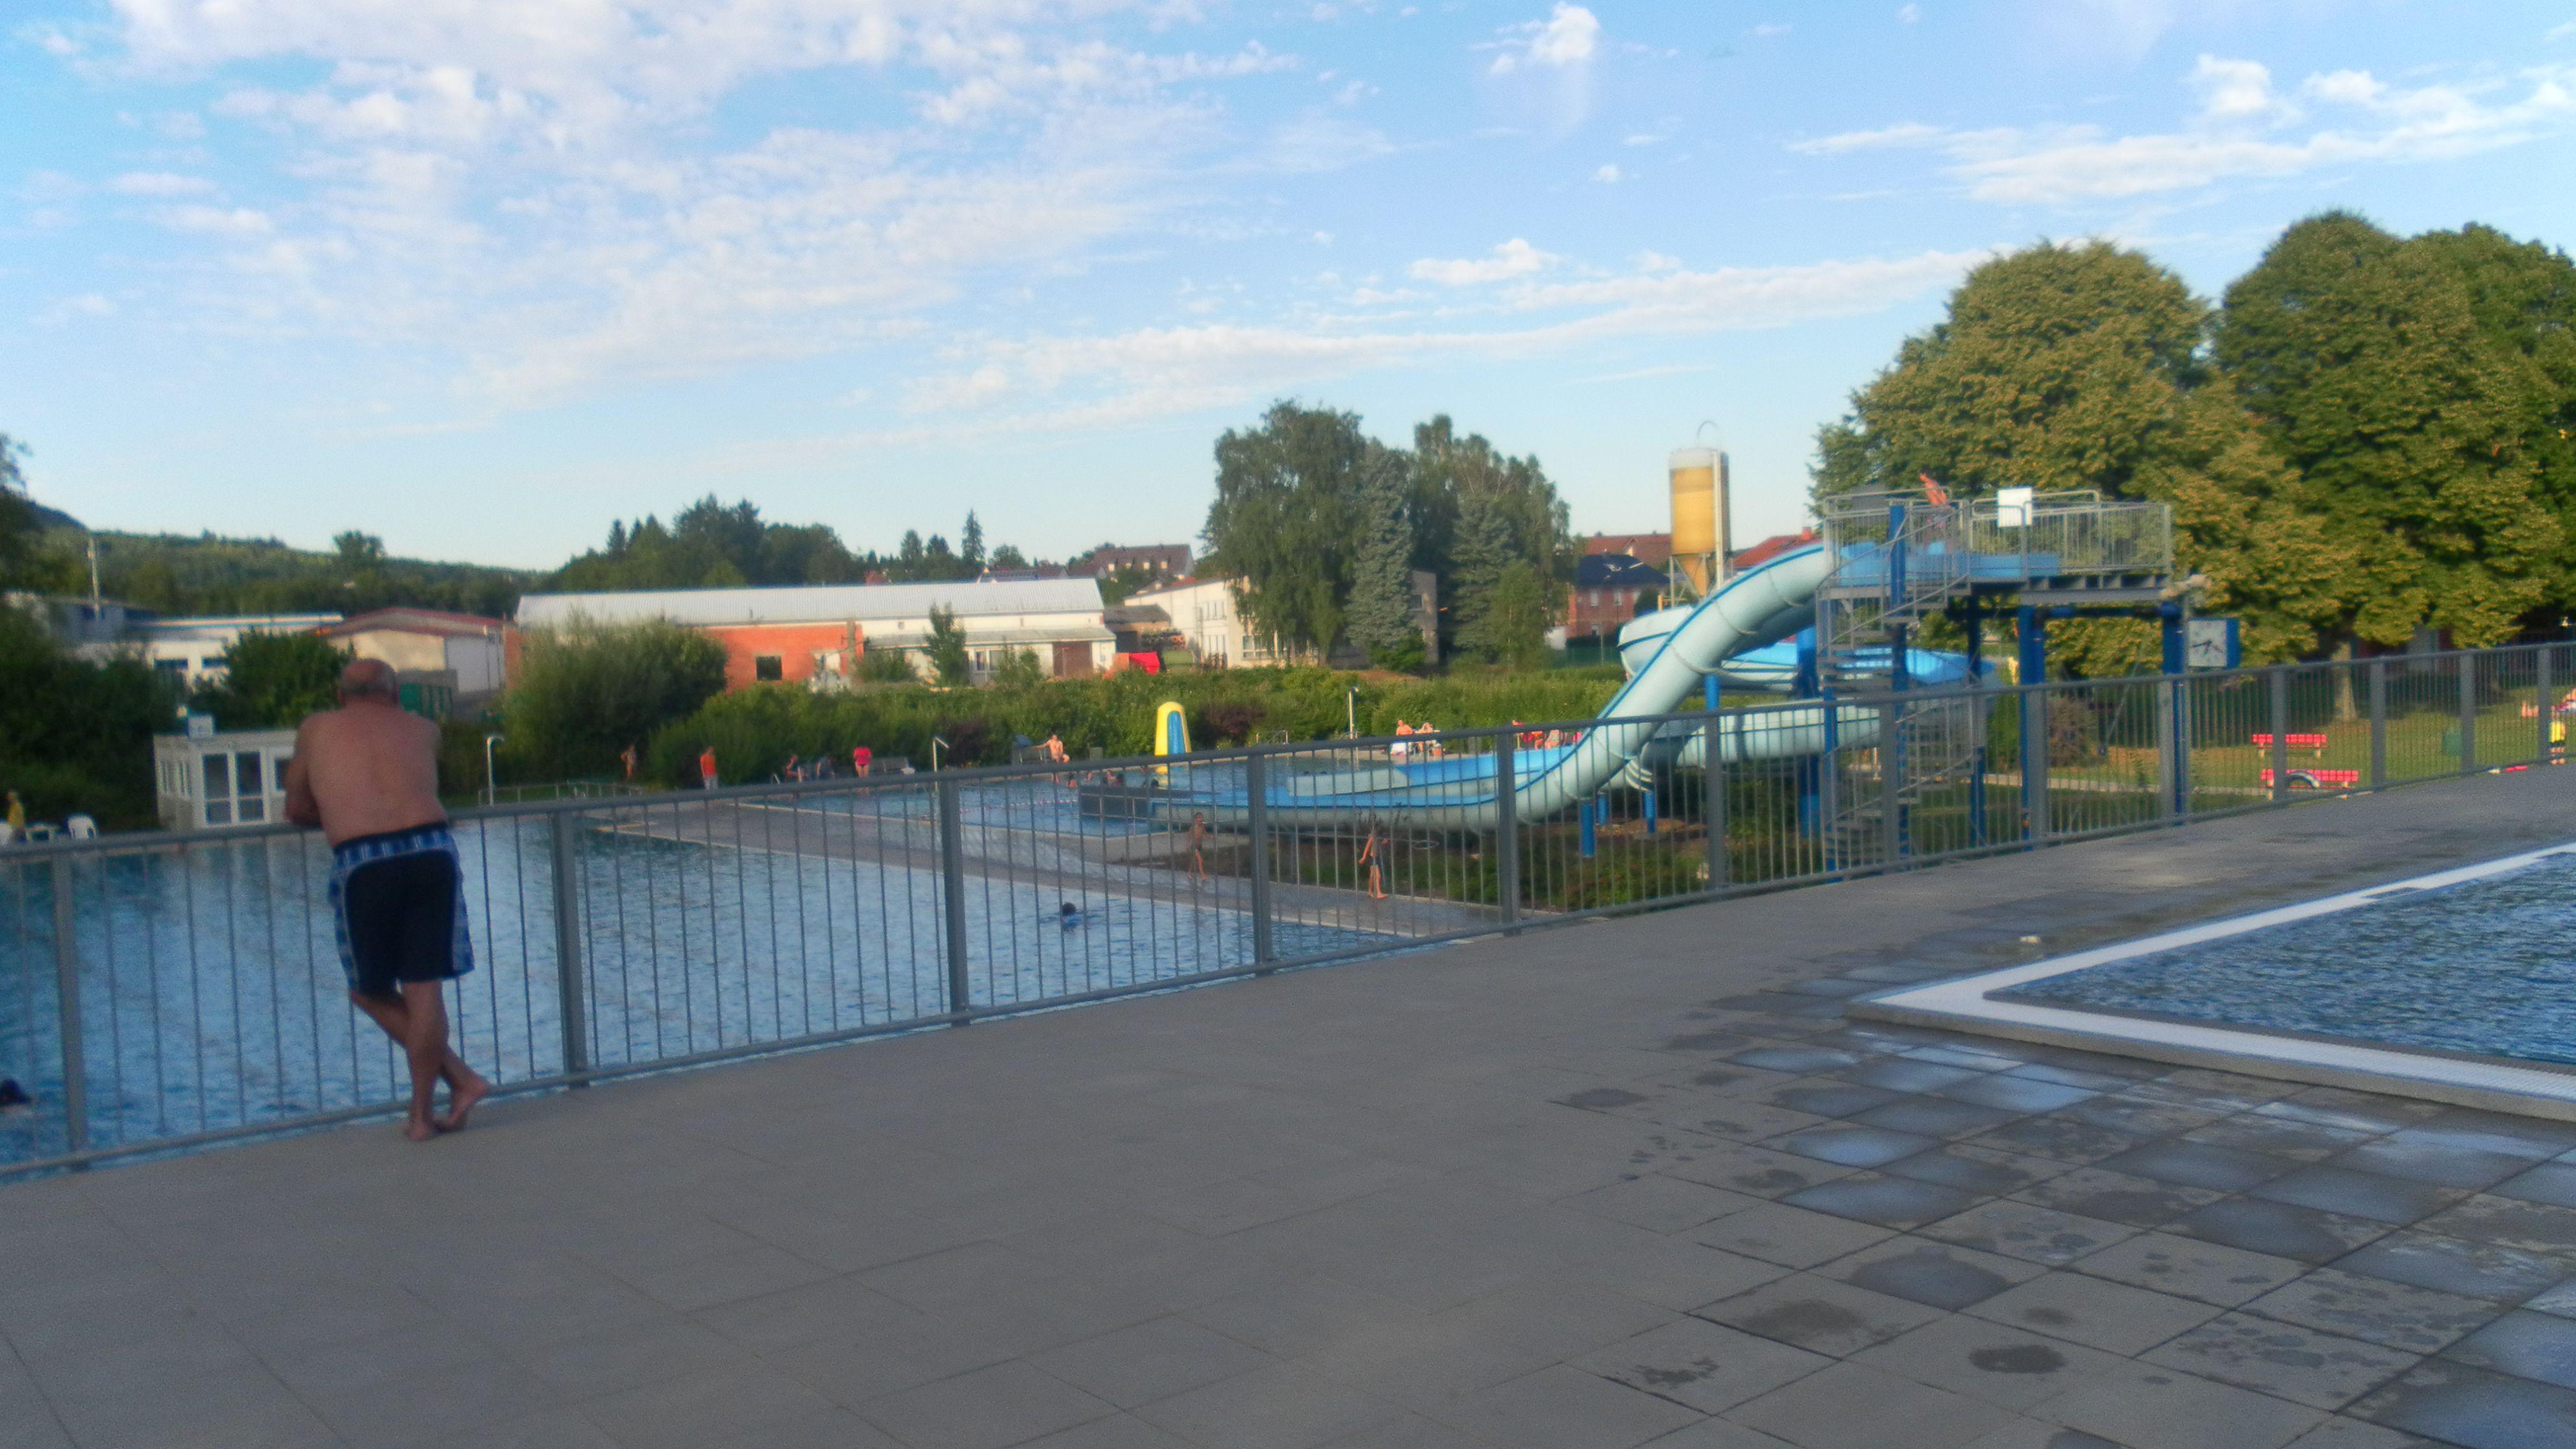 Das Schwimmbad In Steinau Vom Sprungbecken Aus Fotografiert Historische Fotos Steinau An Der Strasse Fotografie